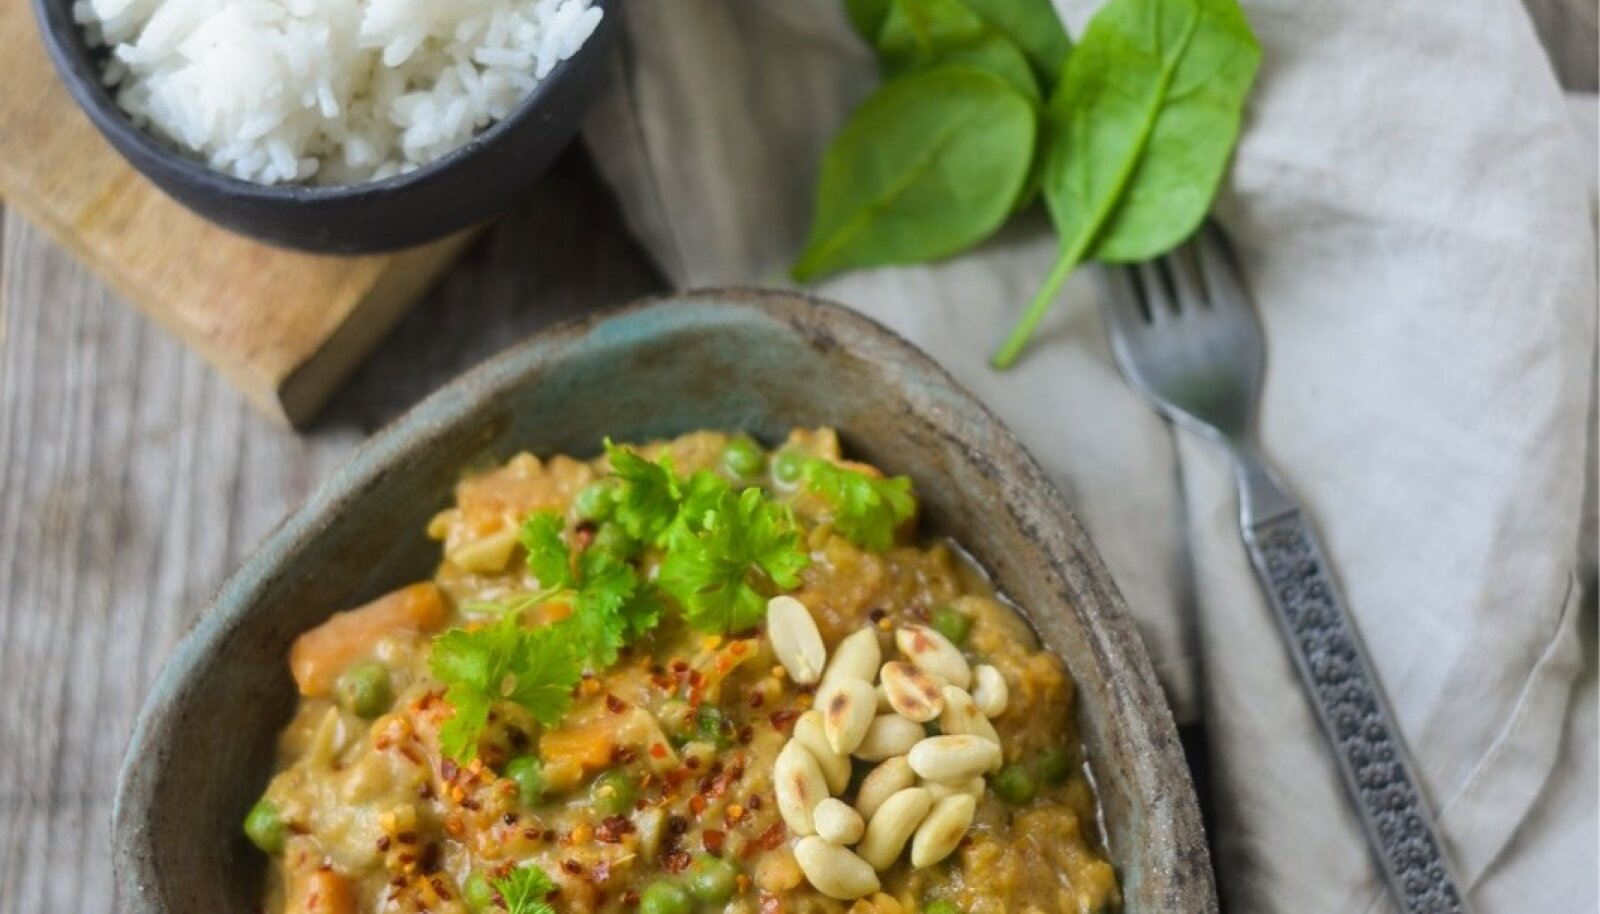 Bataadi-läätsekarri maapähklivõiga. Foto: Mari-Liis Ilover